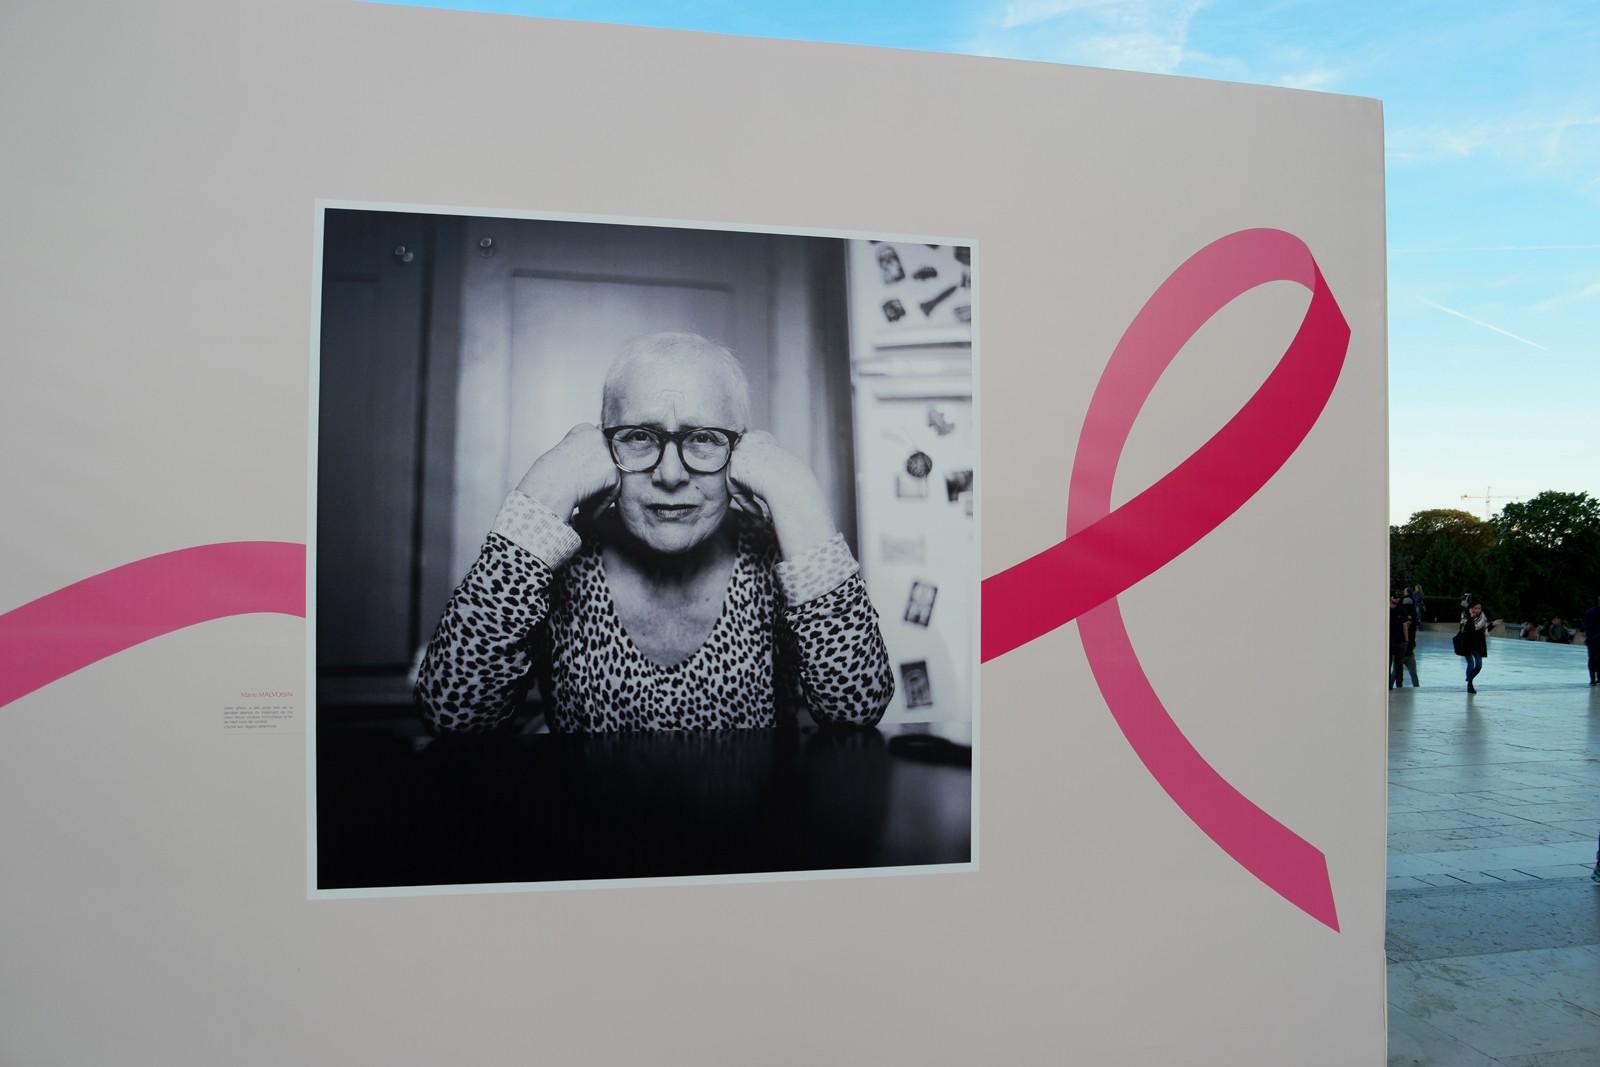 Photo lauréate concours Pink Ribbon award Estée Lauder exposition Octobre Rose 2015 Parvis Trocadéro Tour Eiffel Paris cancer du sein parlons-en photo usofparis